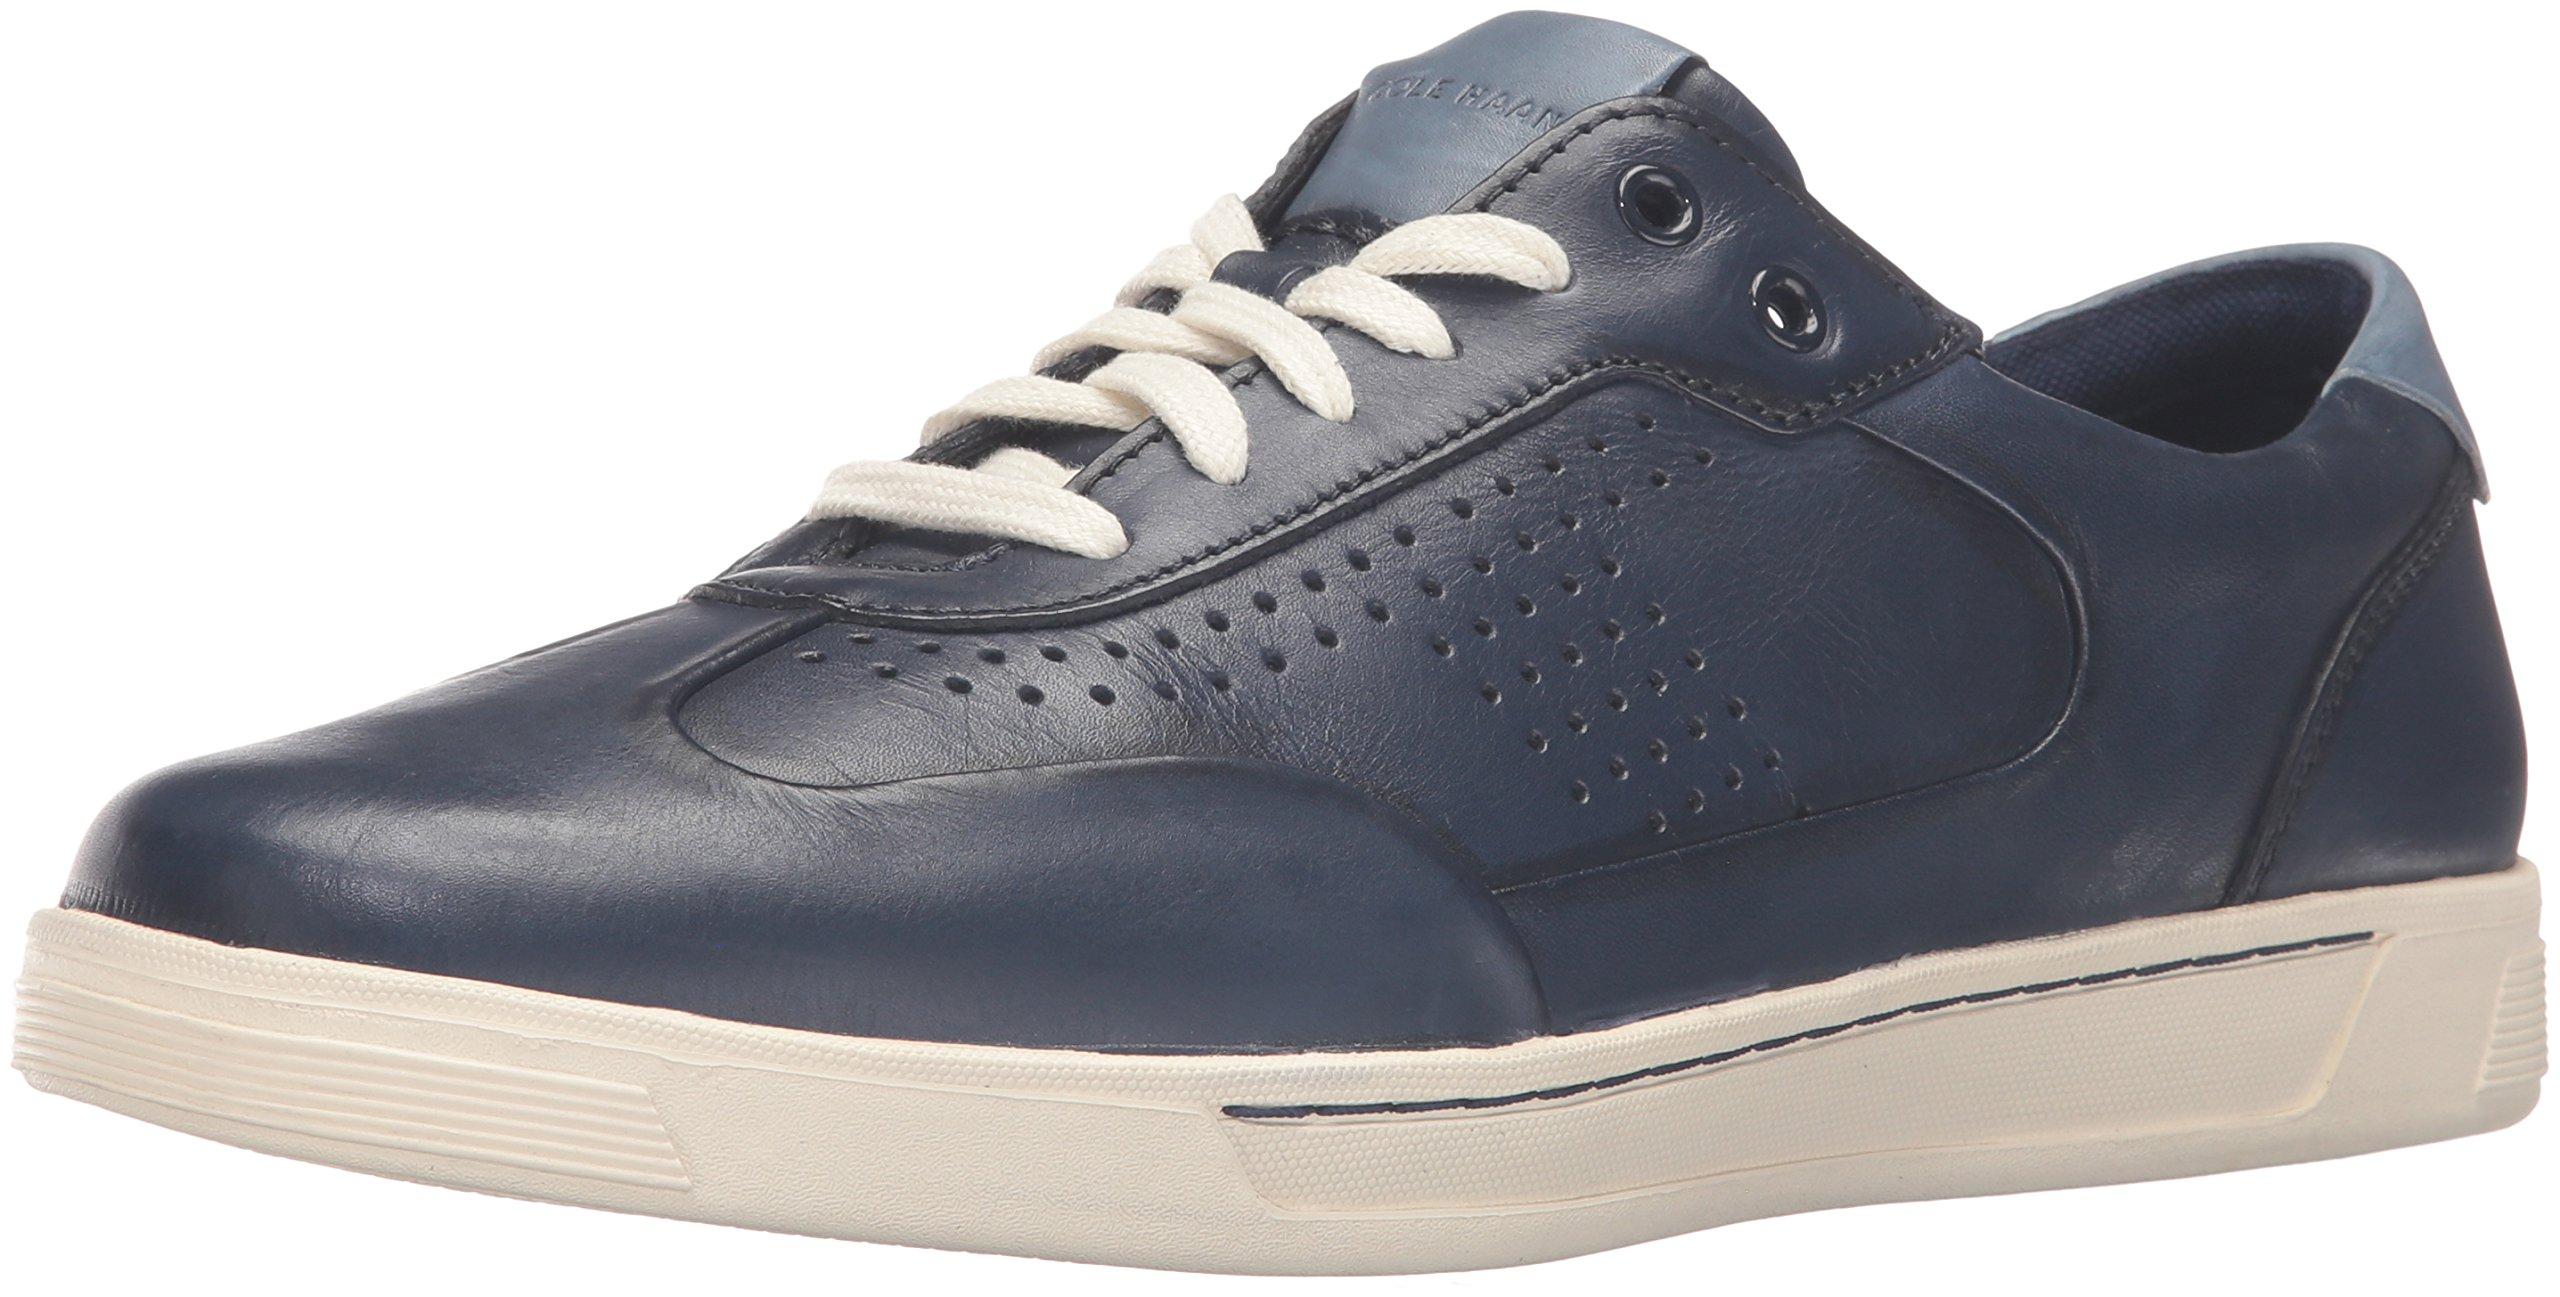 Cole Haan Men's Vartan T Toe Sport Ox Fashion Sneaker, Blazer Blue, 9.5 M US